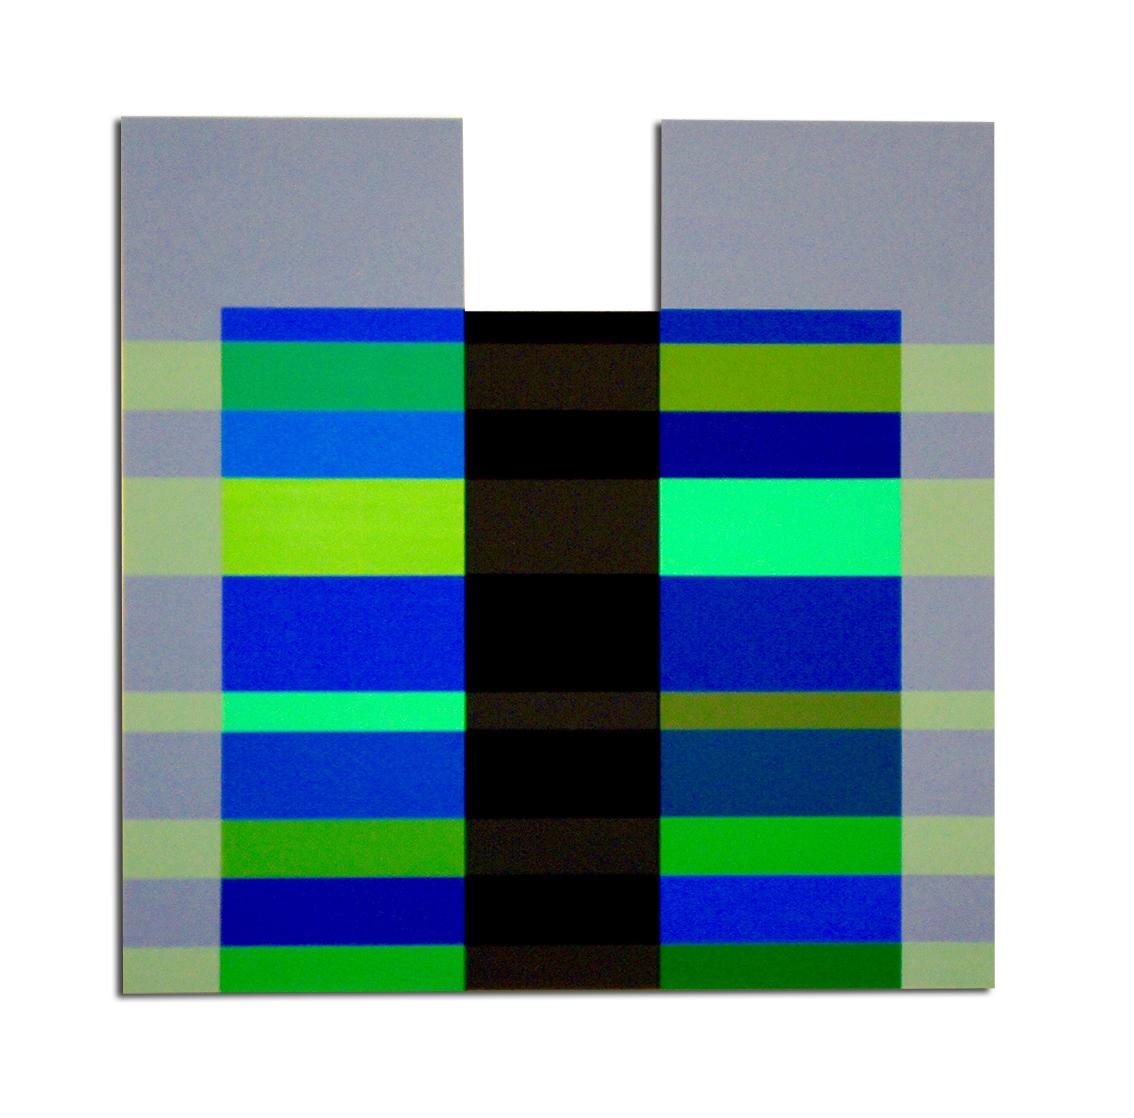 Acrylique sur toile - 90x72x3 cm